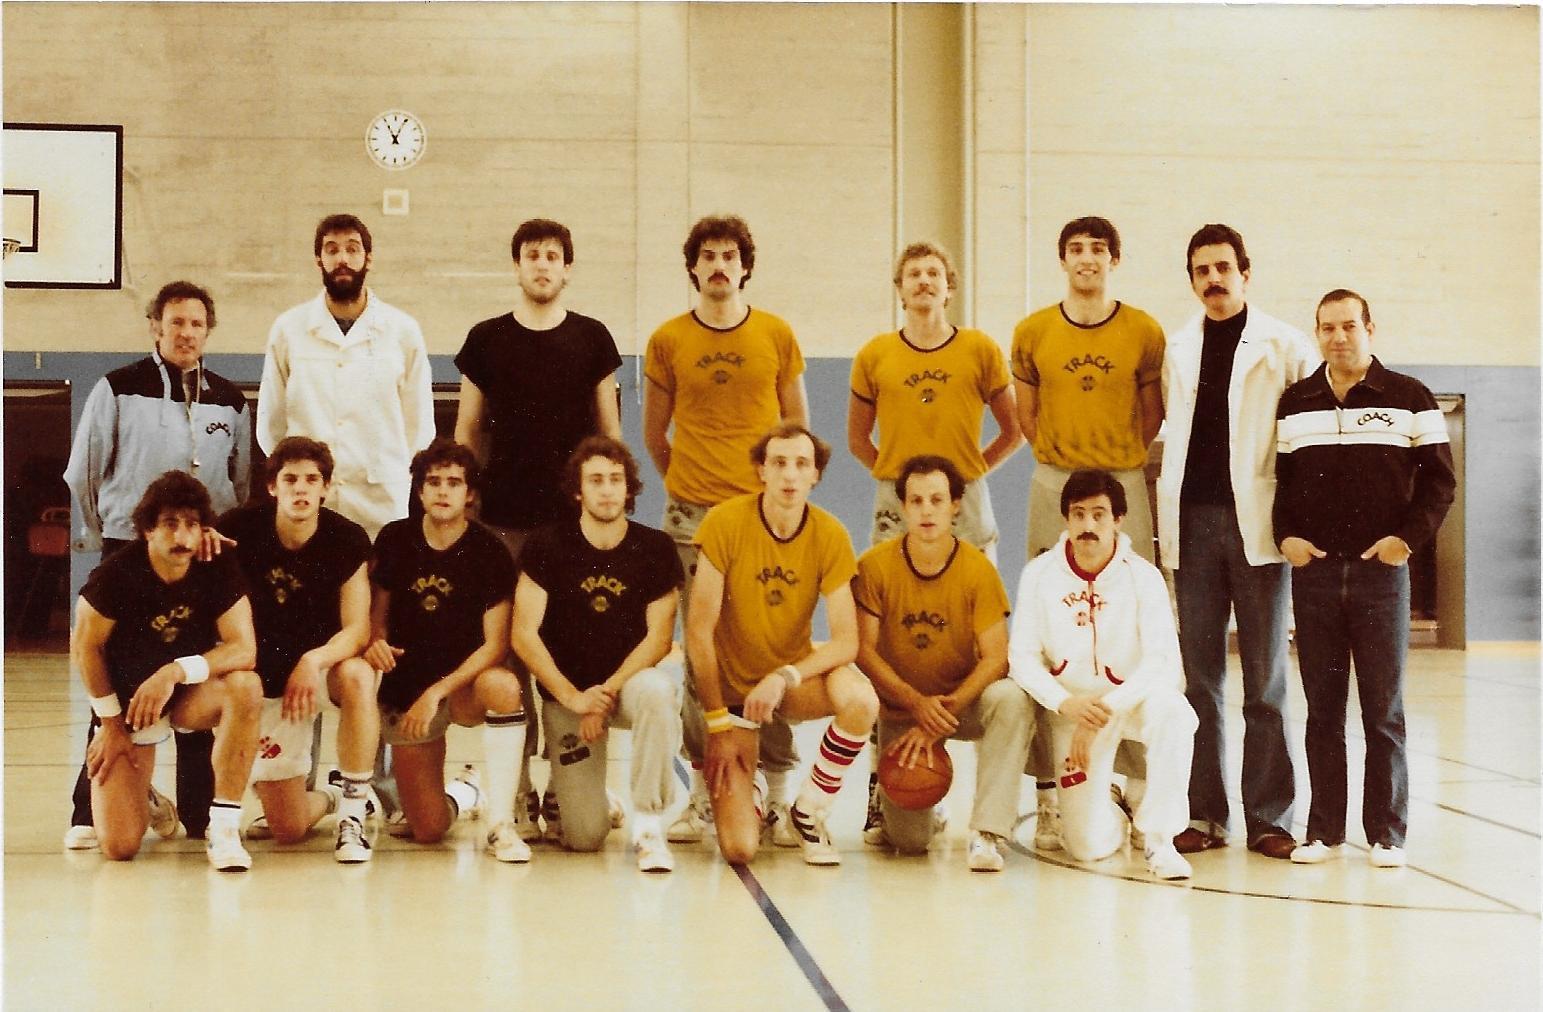 1980 - Spanische Nationalmannschaft zu Gast in der Wartegg